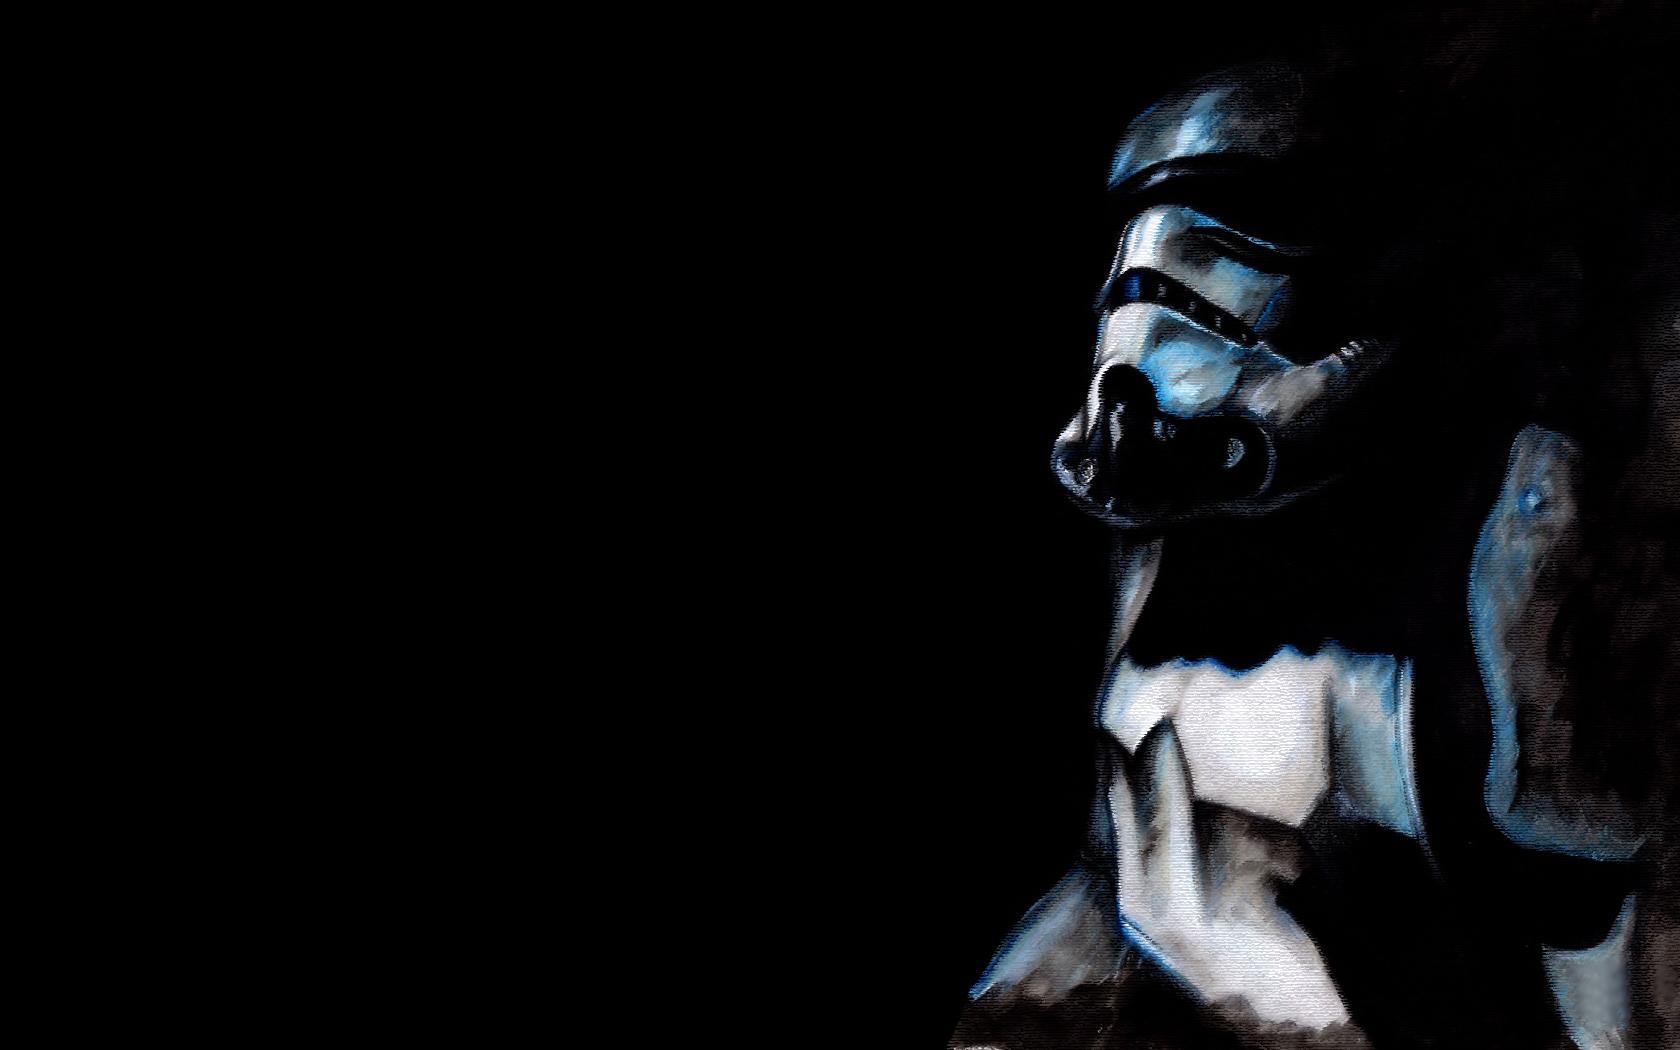 Wallpaper Abyss Erkunden Sie die Sammlung Star Wars Filme Star Wars 1680x1050